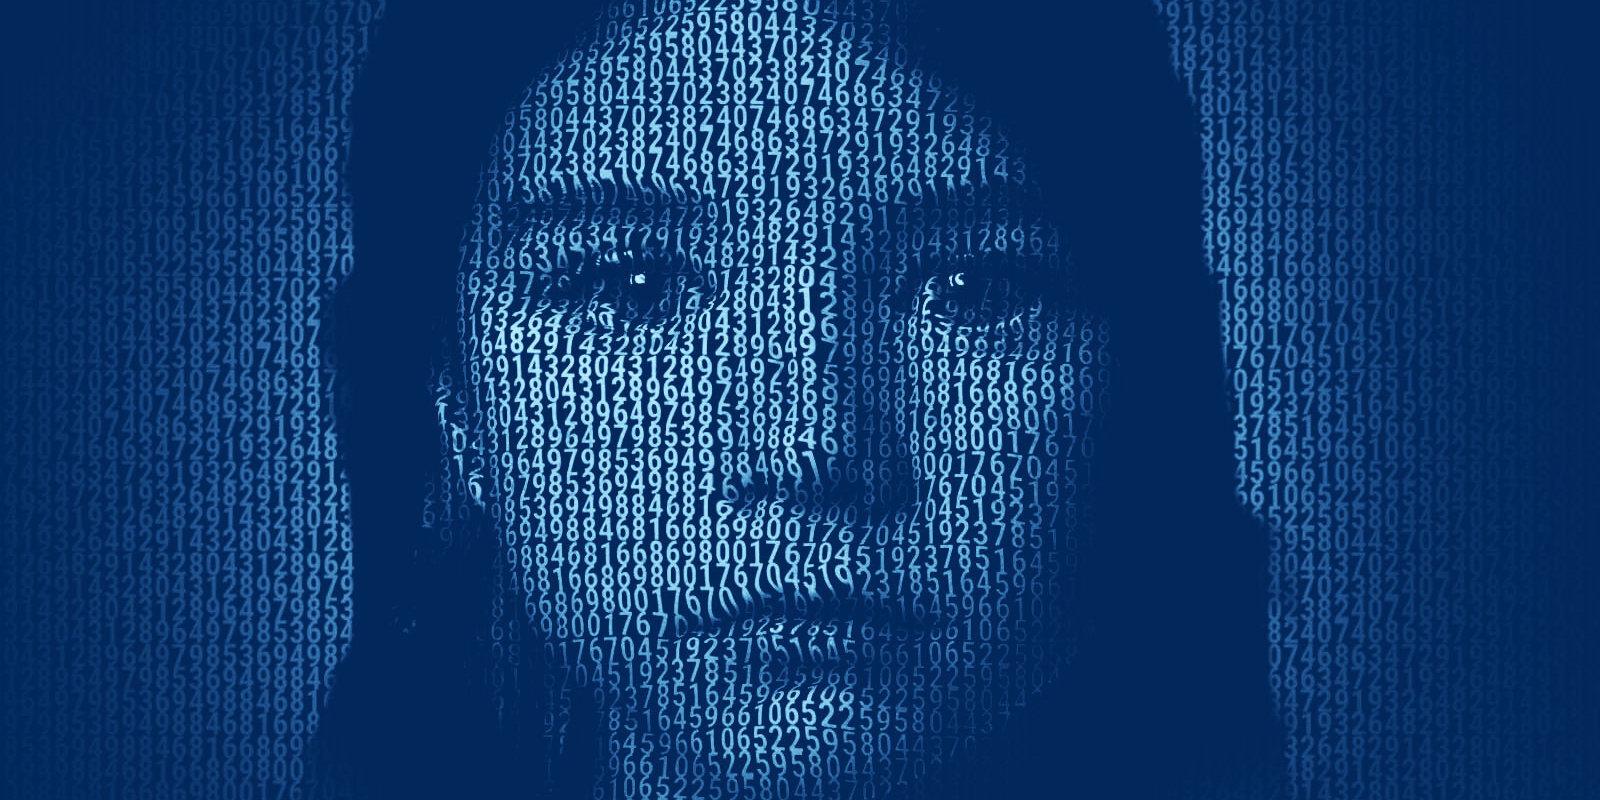 Девочка, которой нет. В Латвии живут дети без персонального кода, паспорта и пособий